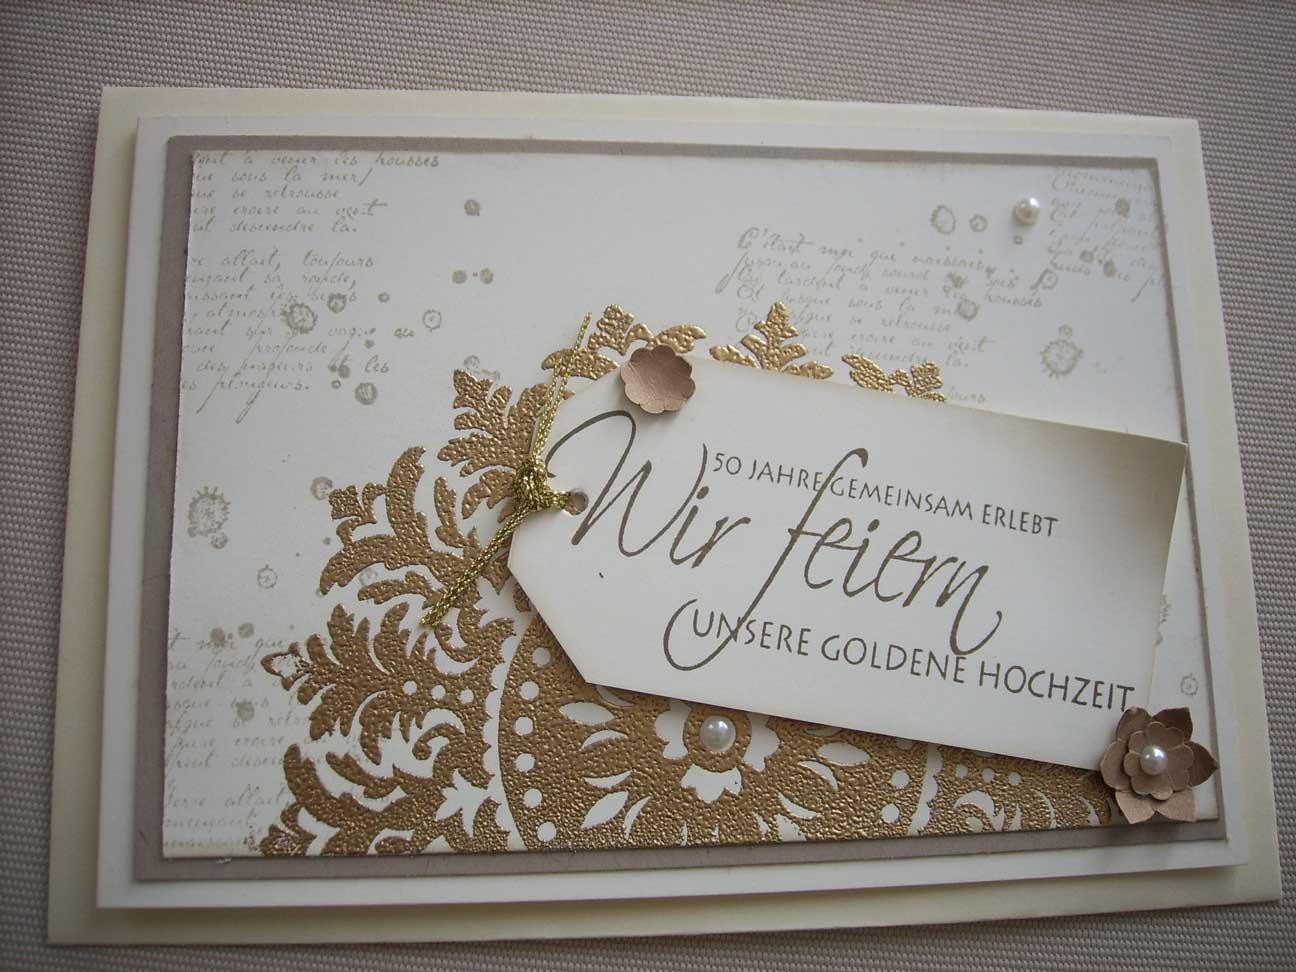 Schön Wie Schade, Dass Ich Erst So Kurz Verheiratet Bin Sonst Wäre Das Meine  Erste Wahl Für Meine Einladungskarten Zur Goldenen Hochzeit Gewesen.